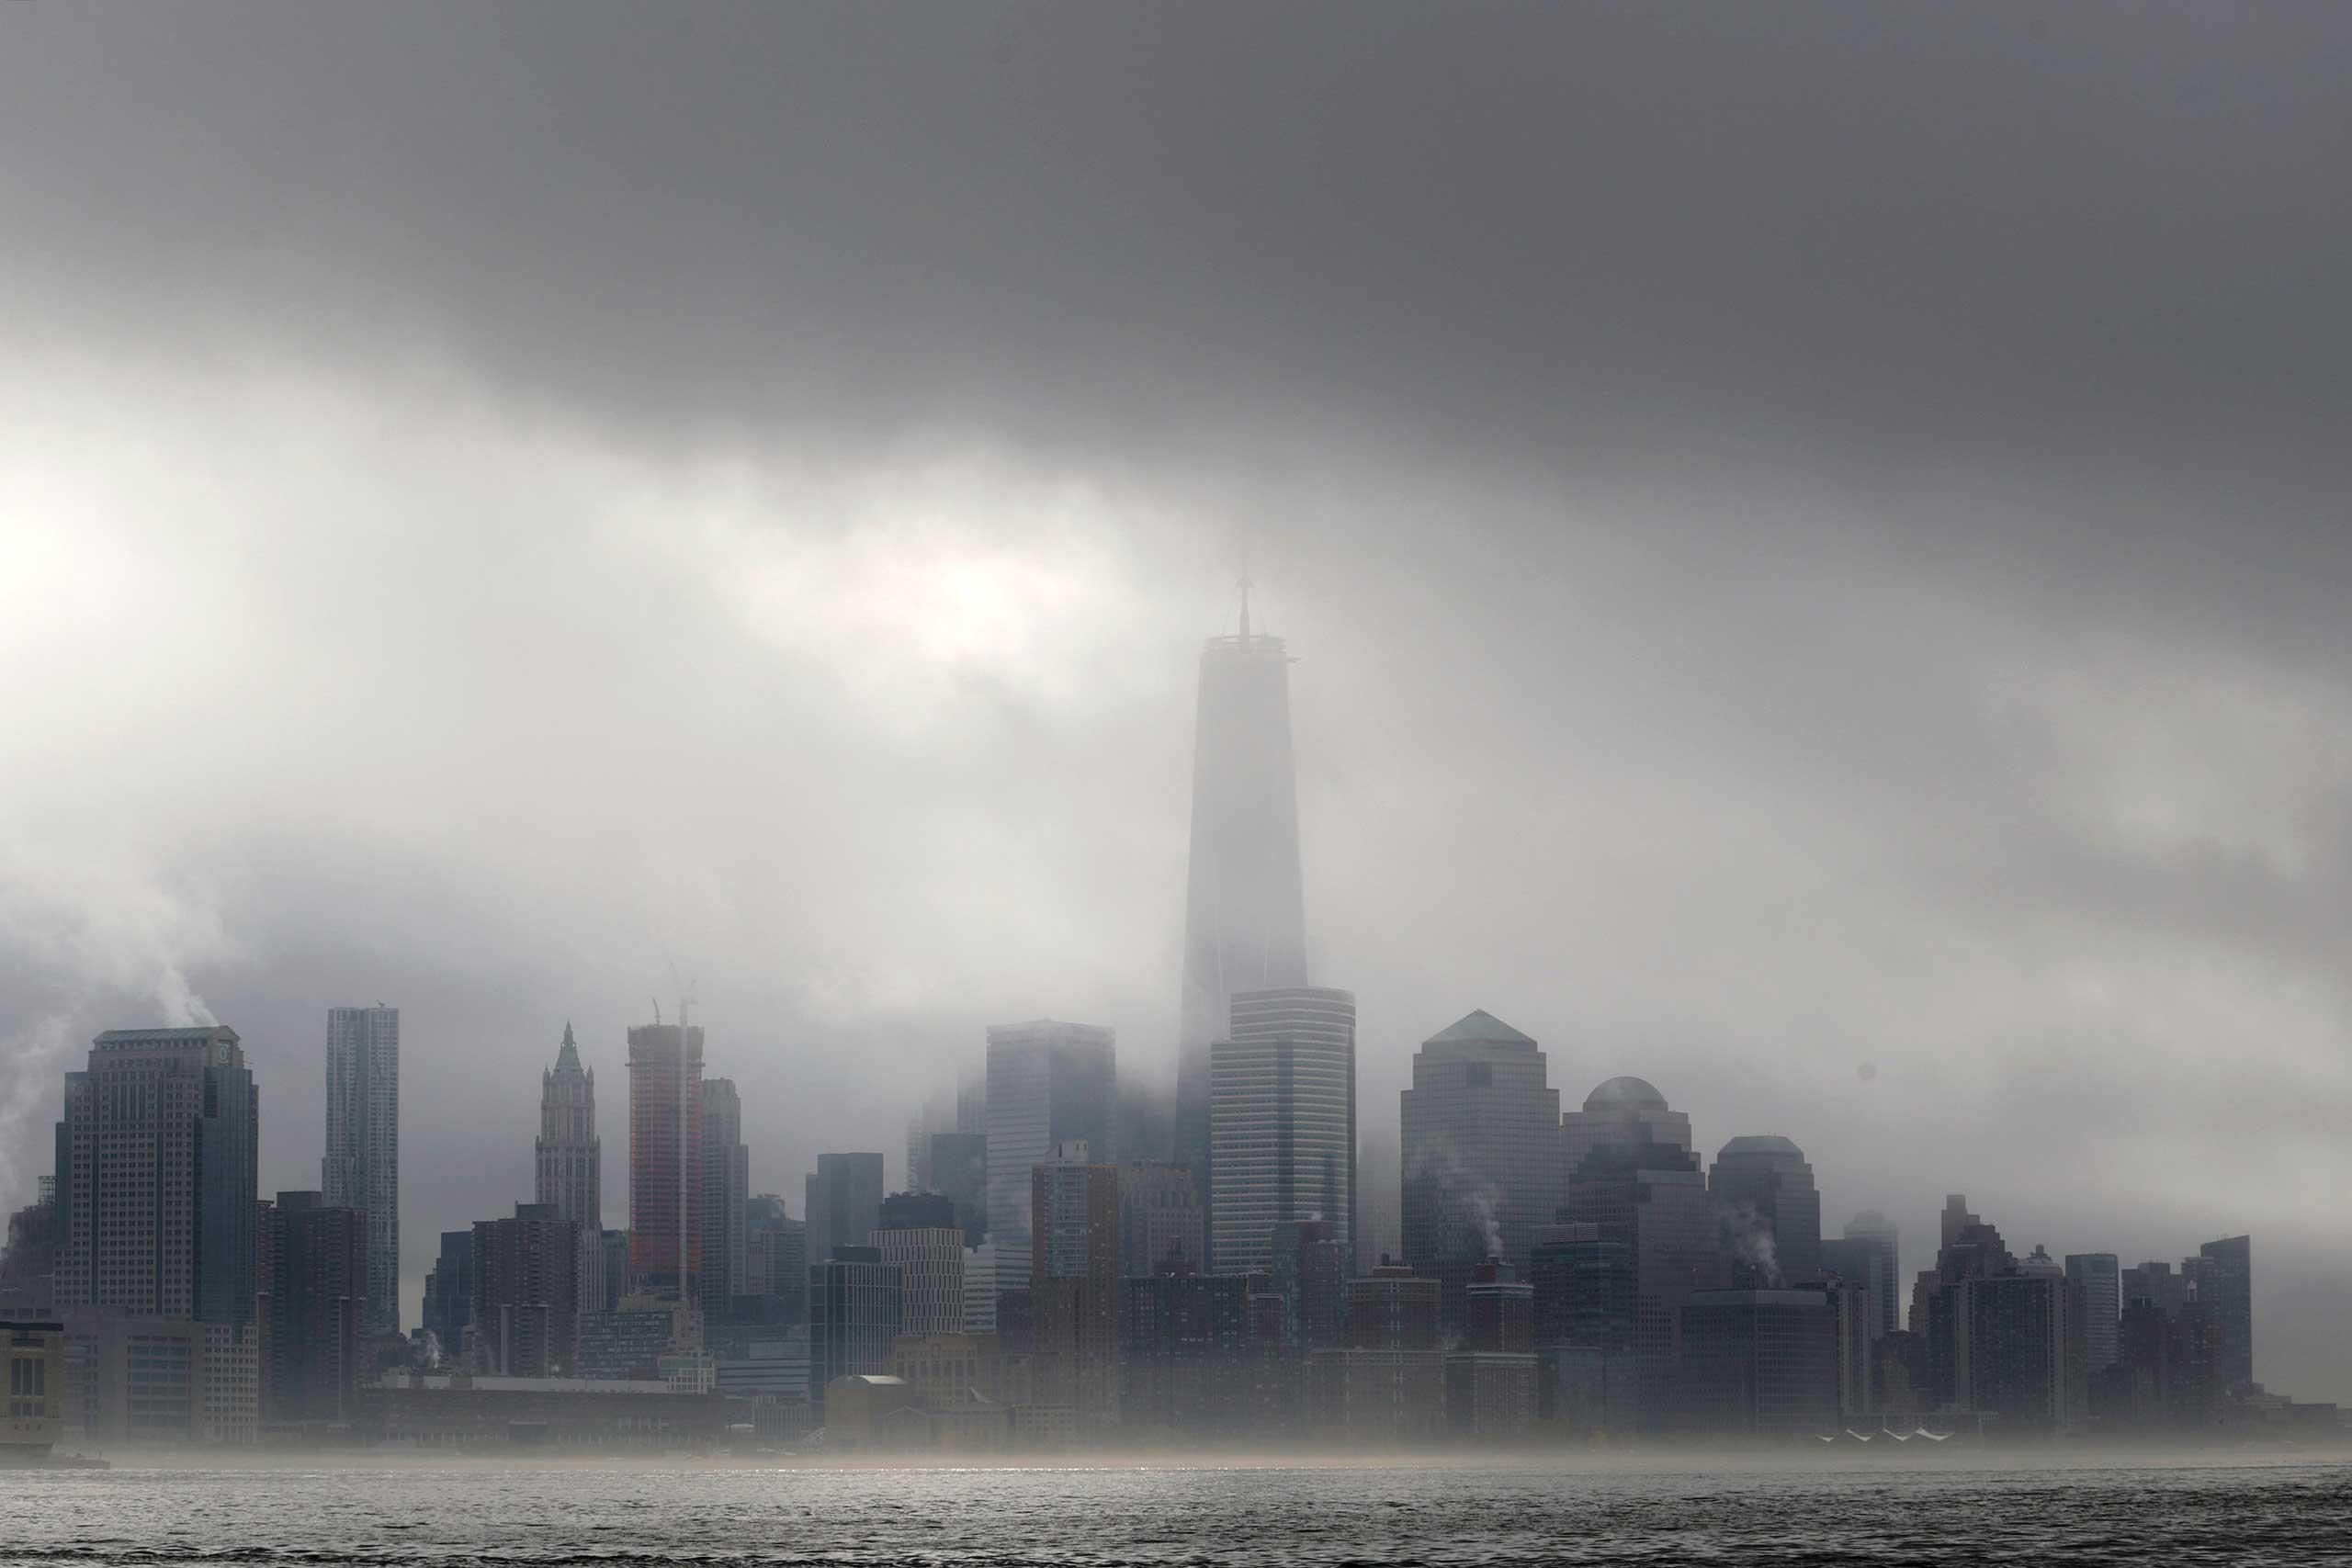 Heavy fog blankets lower Manhattan in New York, including One World Trade Center, center, in this view across the Hudson River from Hoboken, N.J., Nov. 12, 2014.